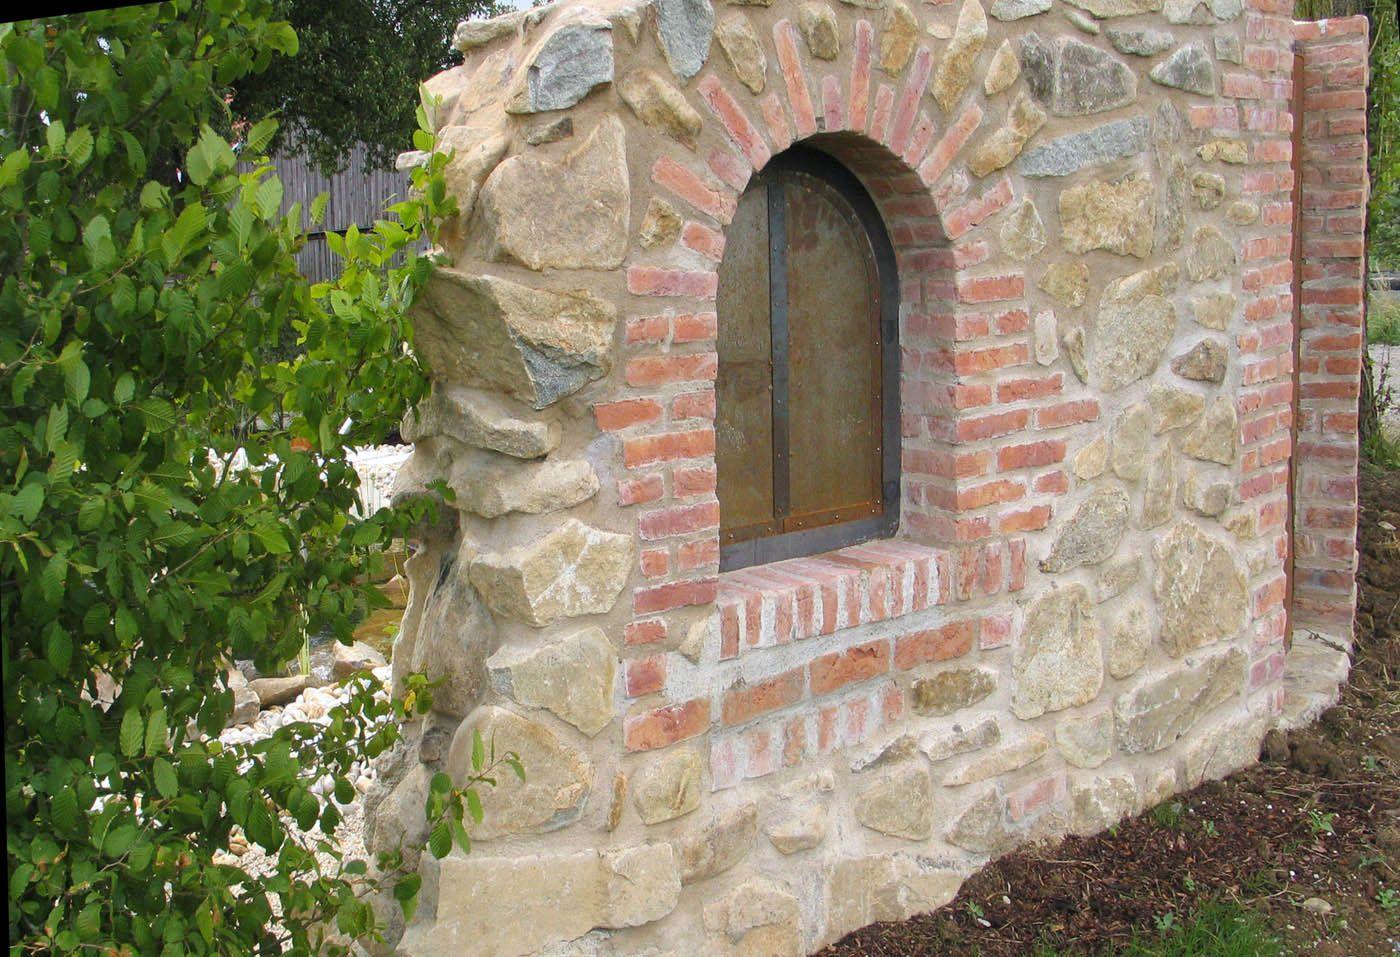 Mauer Trockenmauer Stein Gartengestaltung Gartenbau Reischl Bayerischer Wald Steinmauer Garten Gartenmauern